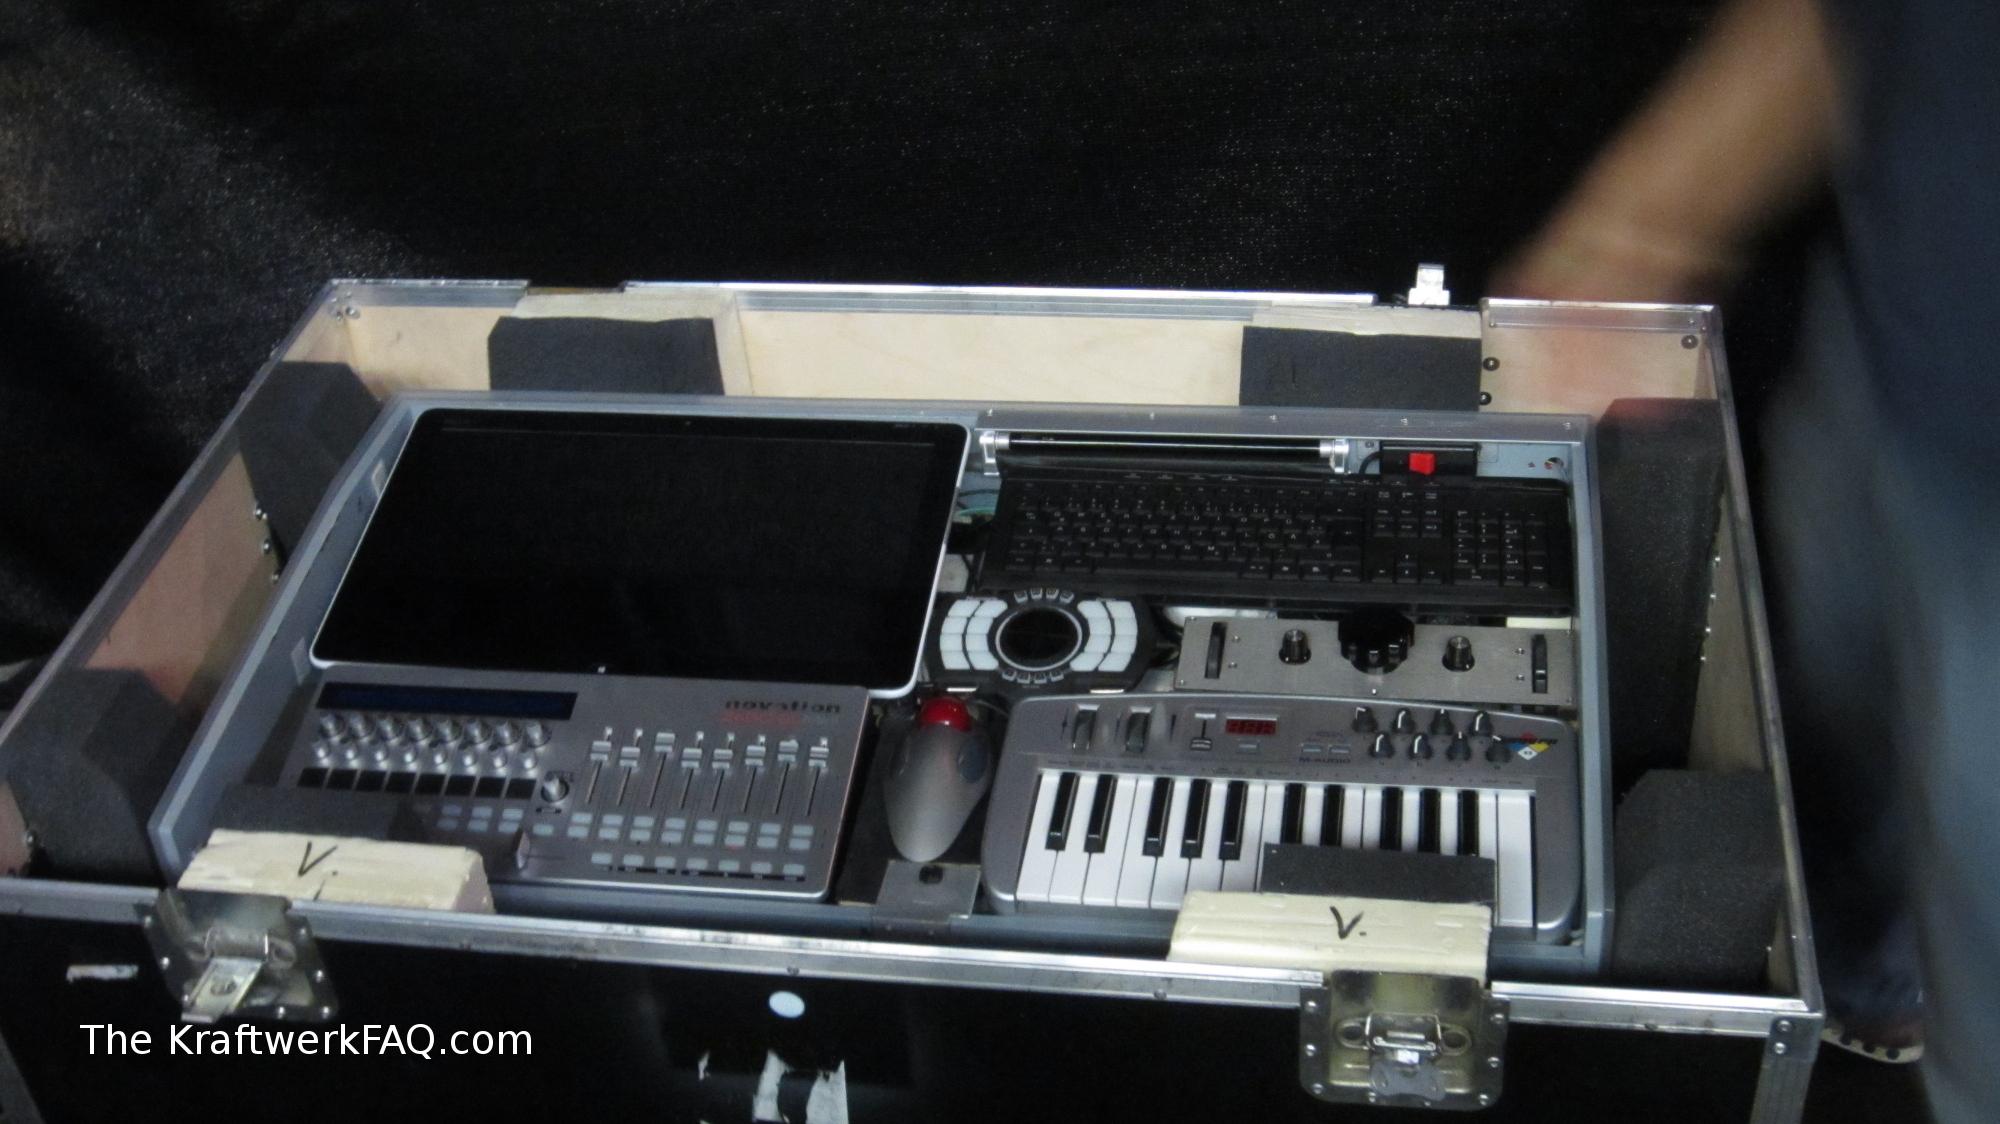 Equipment The Kraftwerk Faq Kraftwerk Frequently Asked